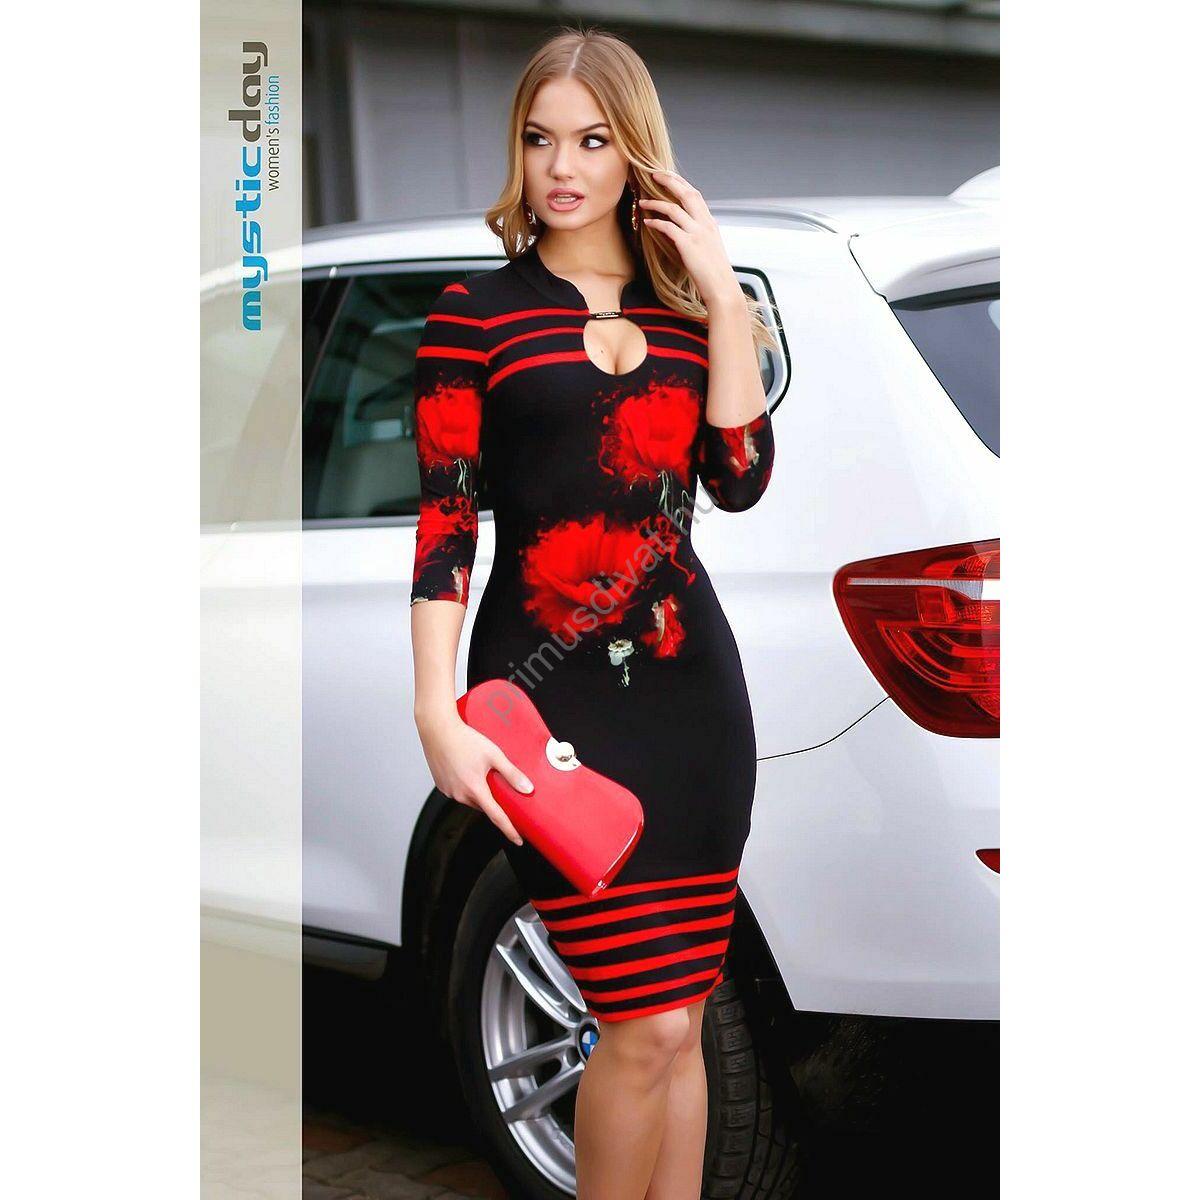 Mystic Day állógalléros piros virágos fekete rugalmas viszkóz ruha fb6c931141